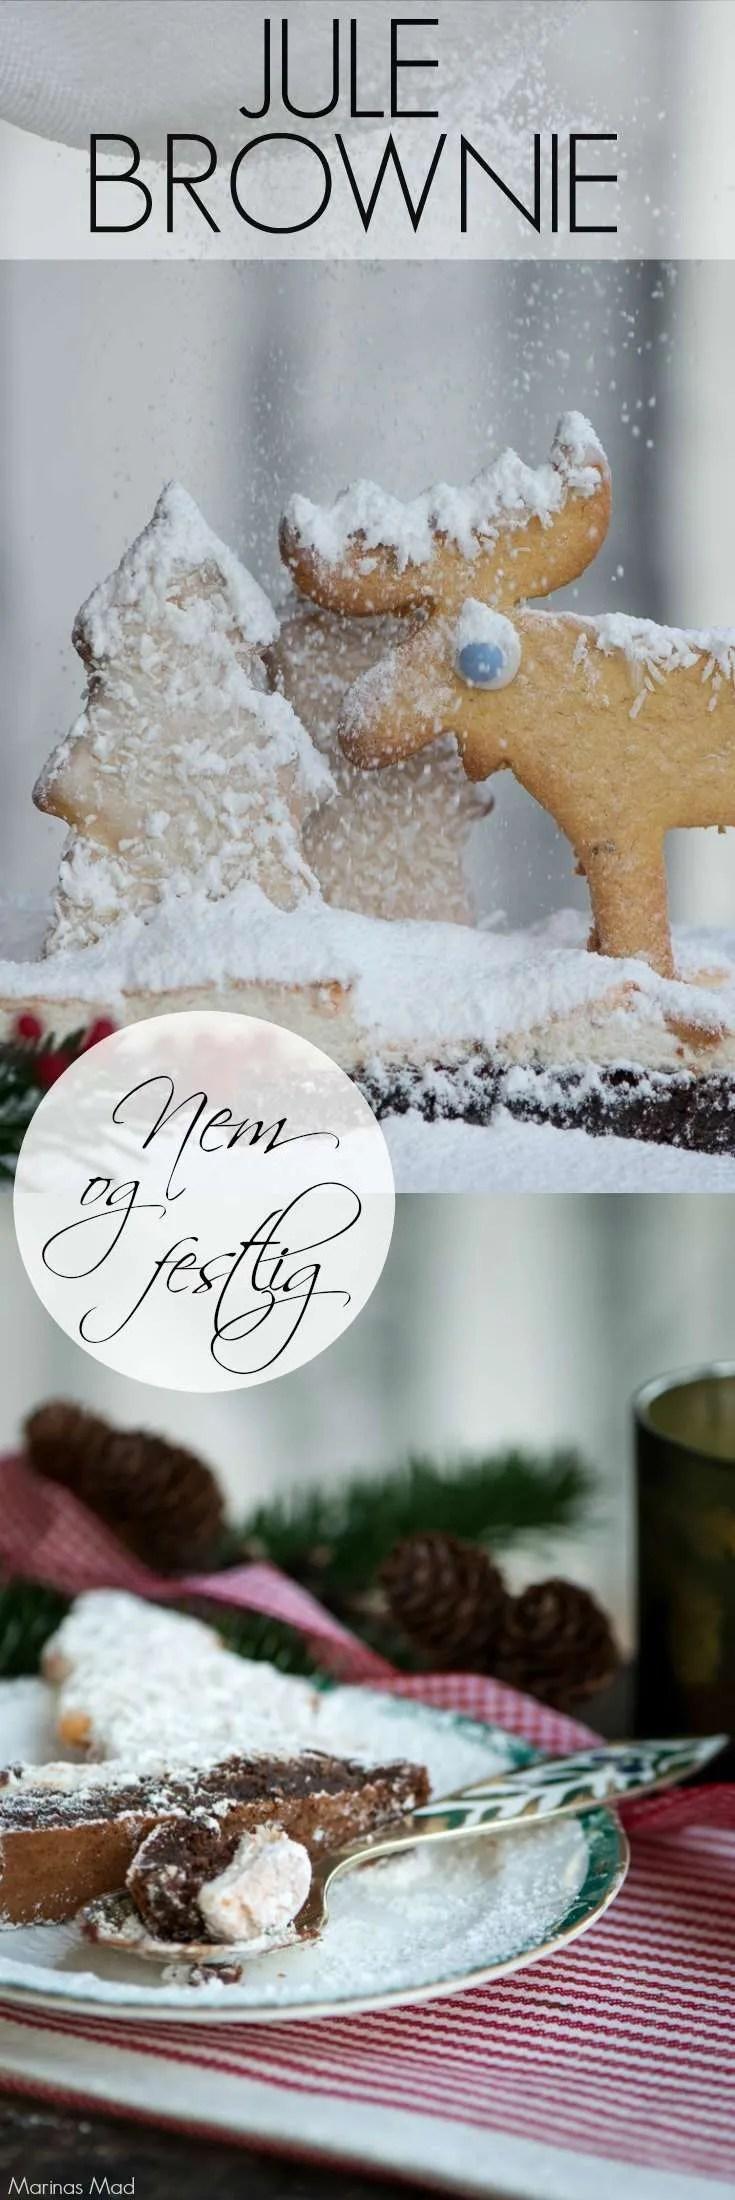 Opskrift på julebrownie pyntet som snelandskab med udstiks kager. Perfekt på julebordet eller til sammenskudsgildet. Den lækre chokolade kage er nem at bage, men ser fantastisk ud. Opskrift fra Marinas Mad.